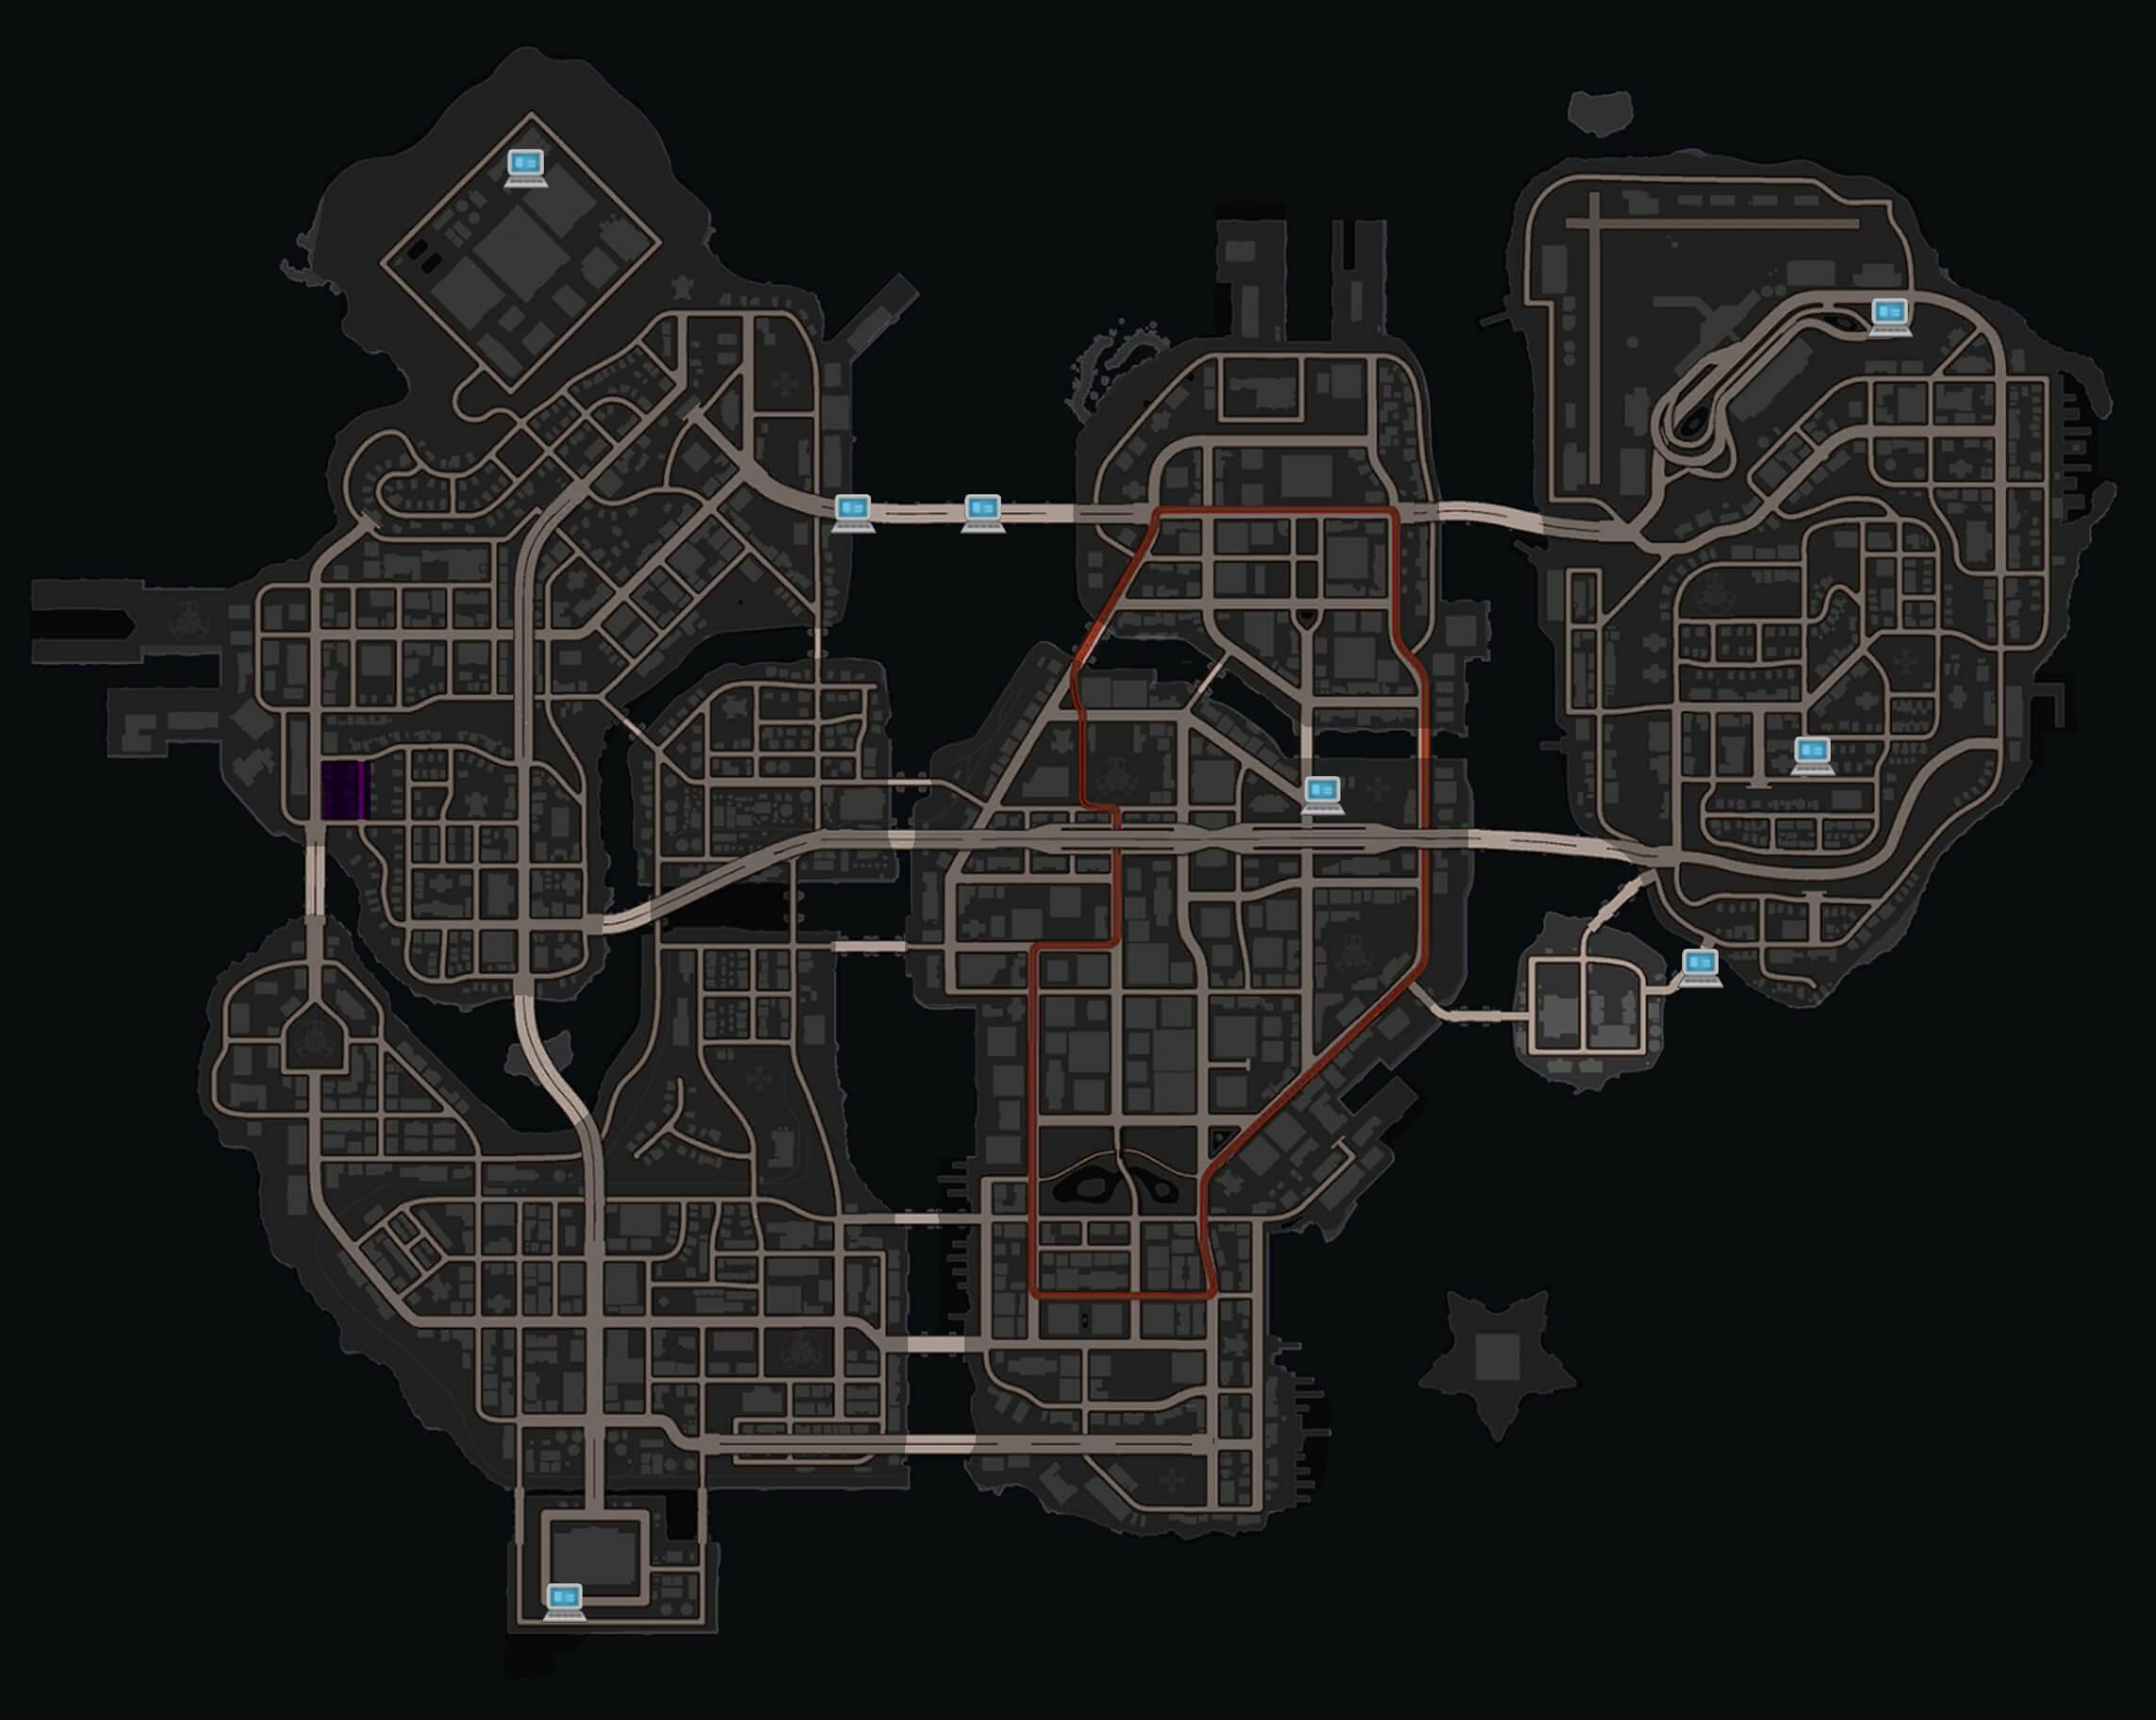 Saints Row 4 Text Adventure Pieces Locations - VGFAQ